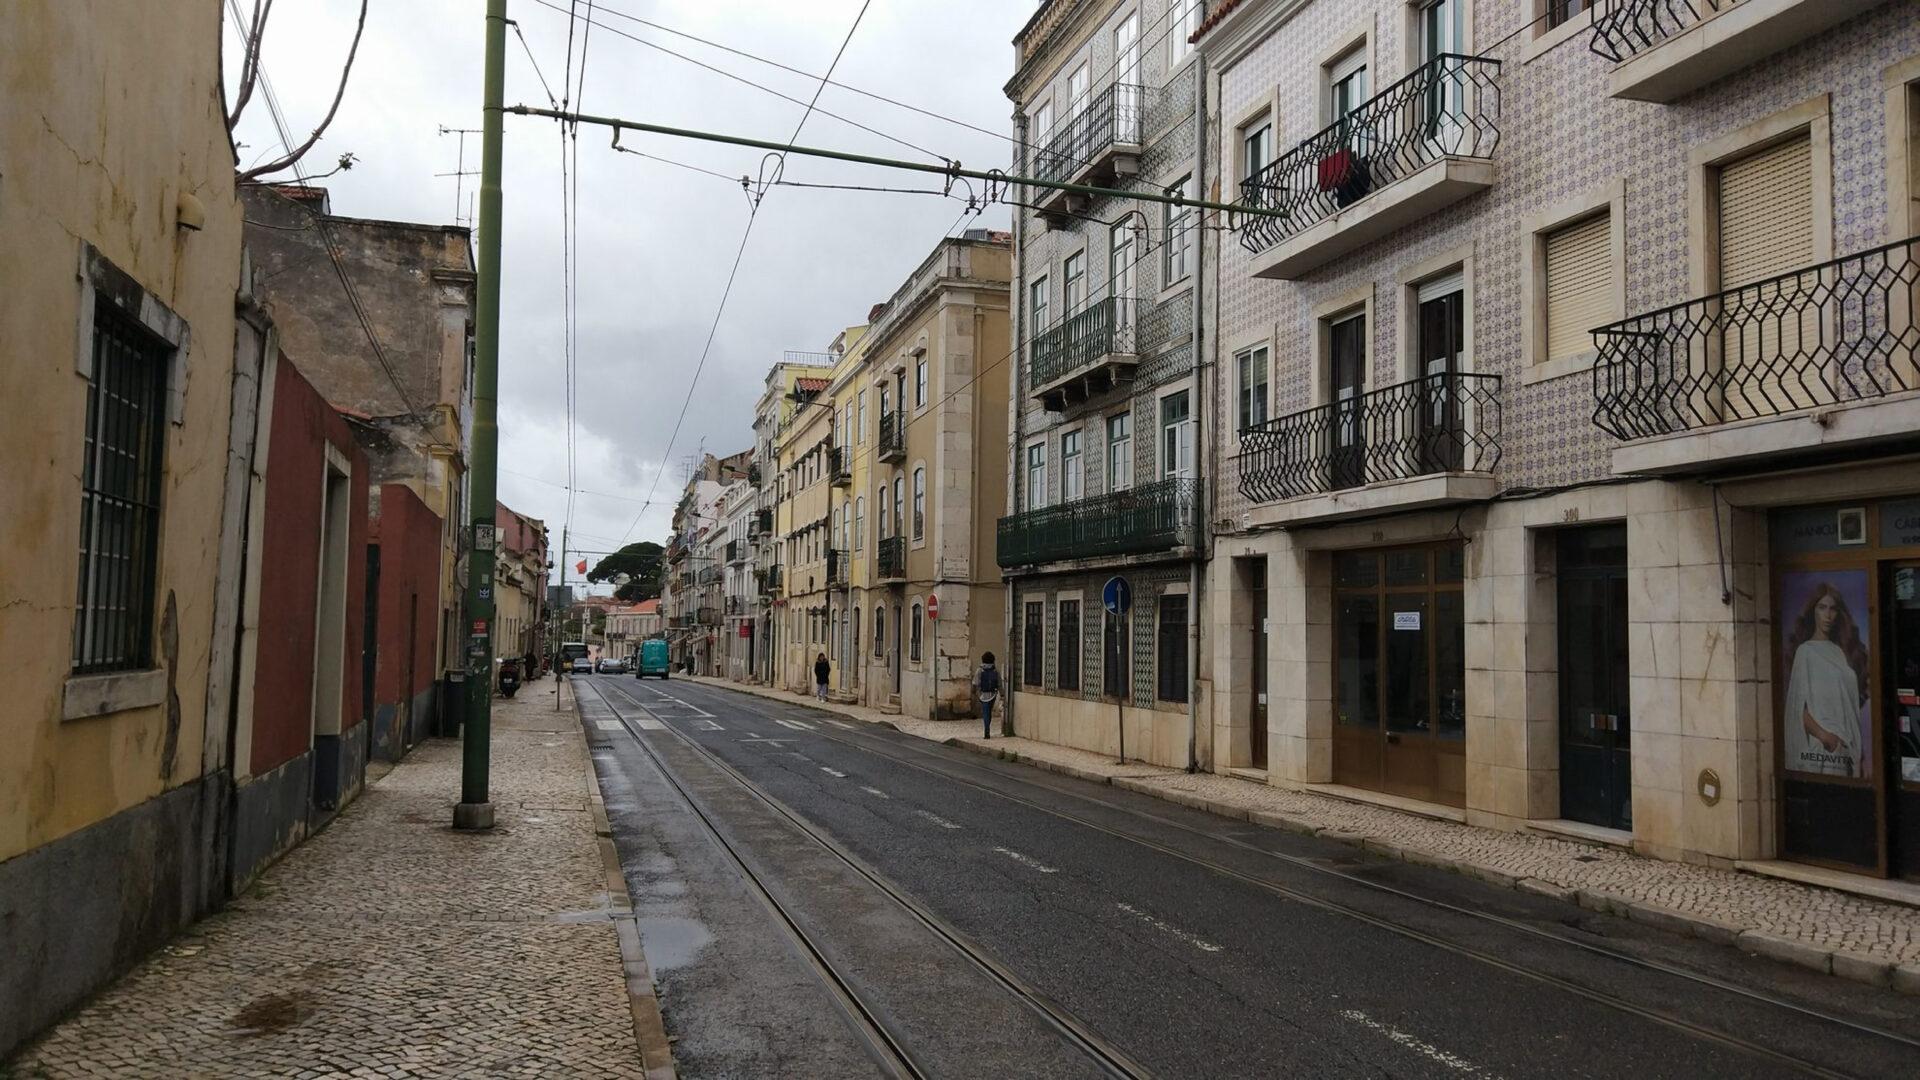 Португалия— путешествие накрай земли. Часть 2— Лиссабон, район Белен